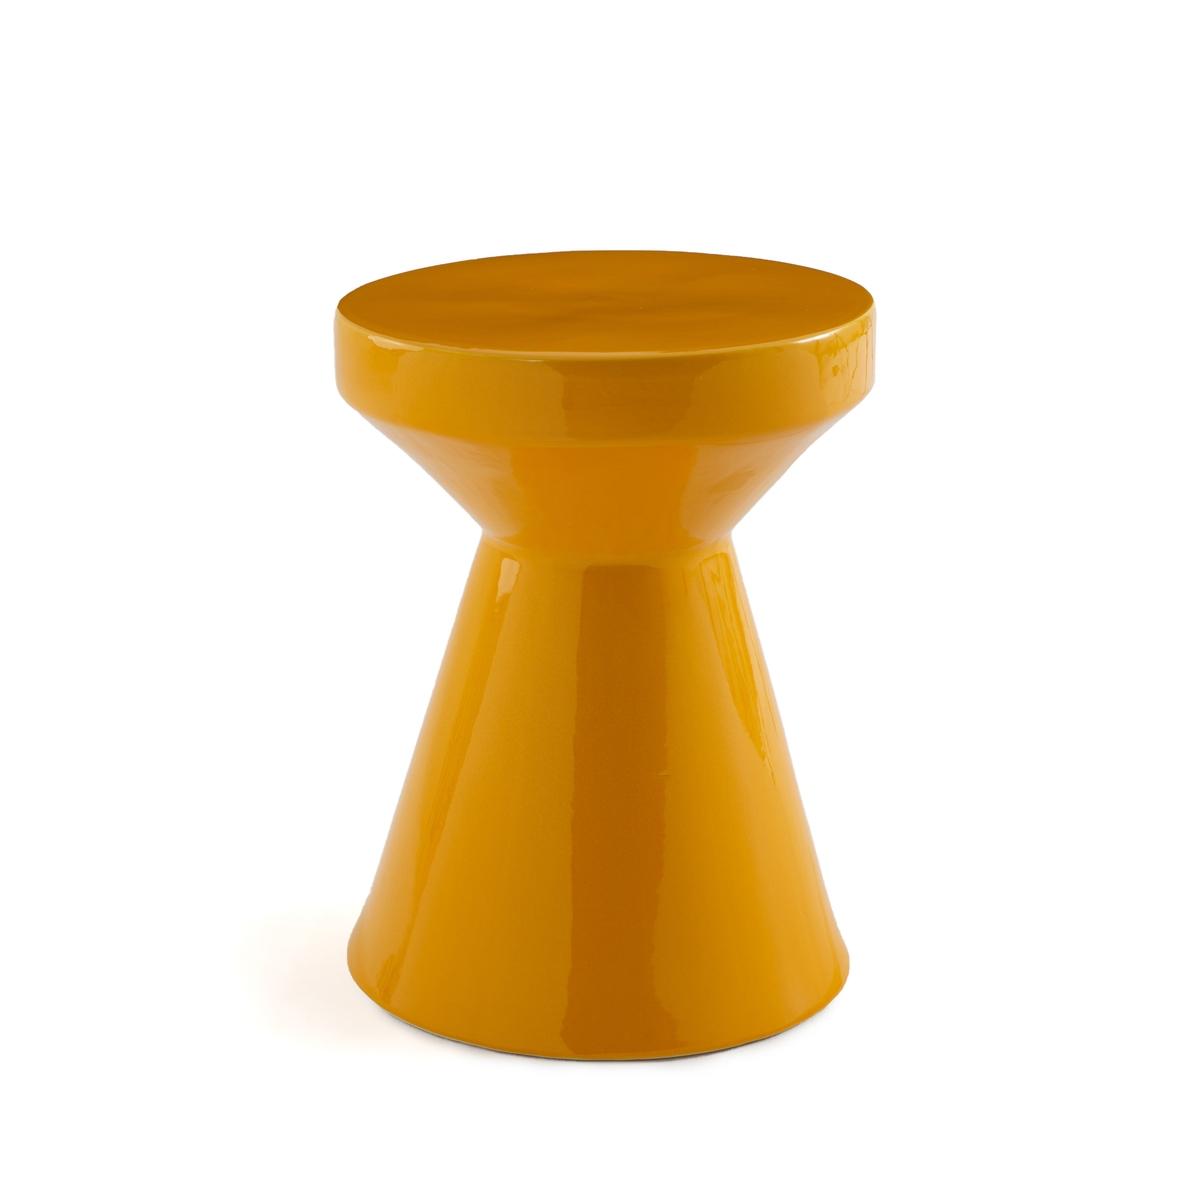 Стол LaRedoute Диванный из керамики Matmat единый размер желтый